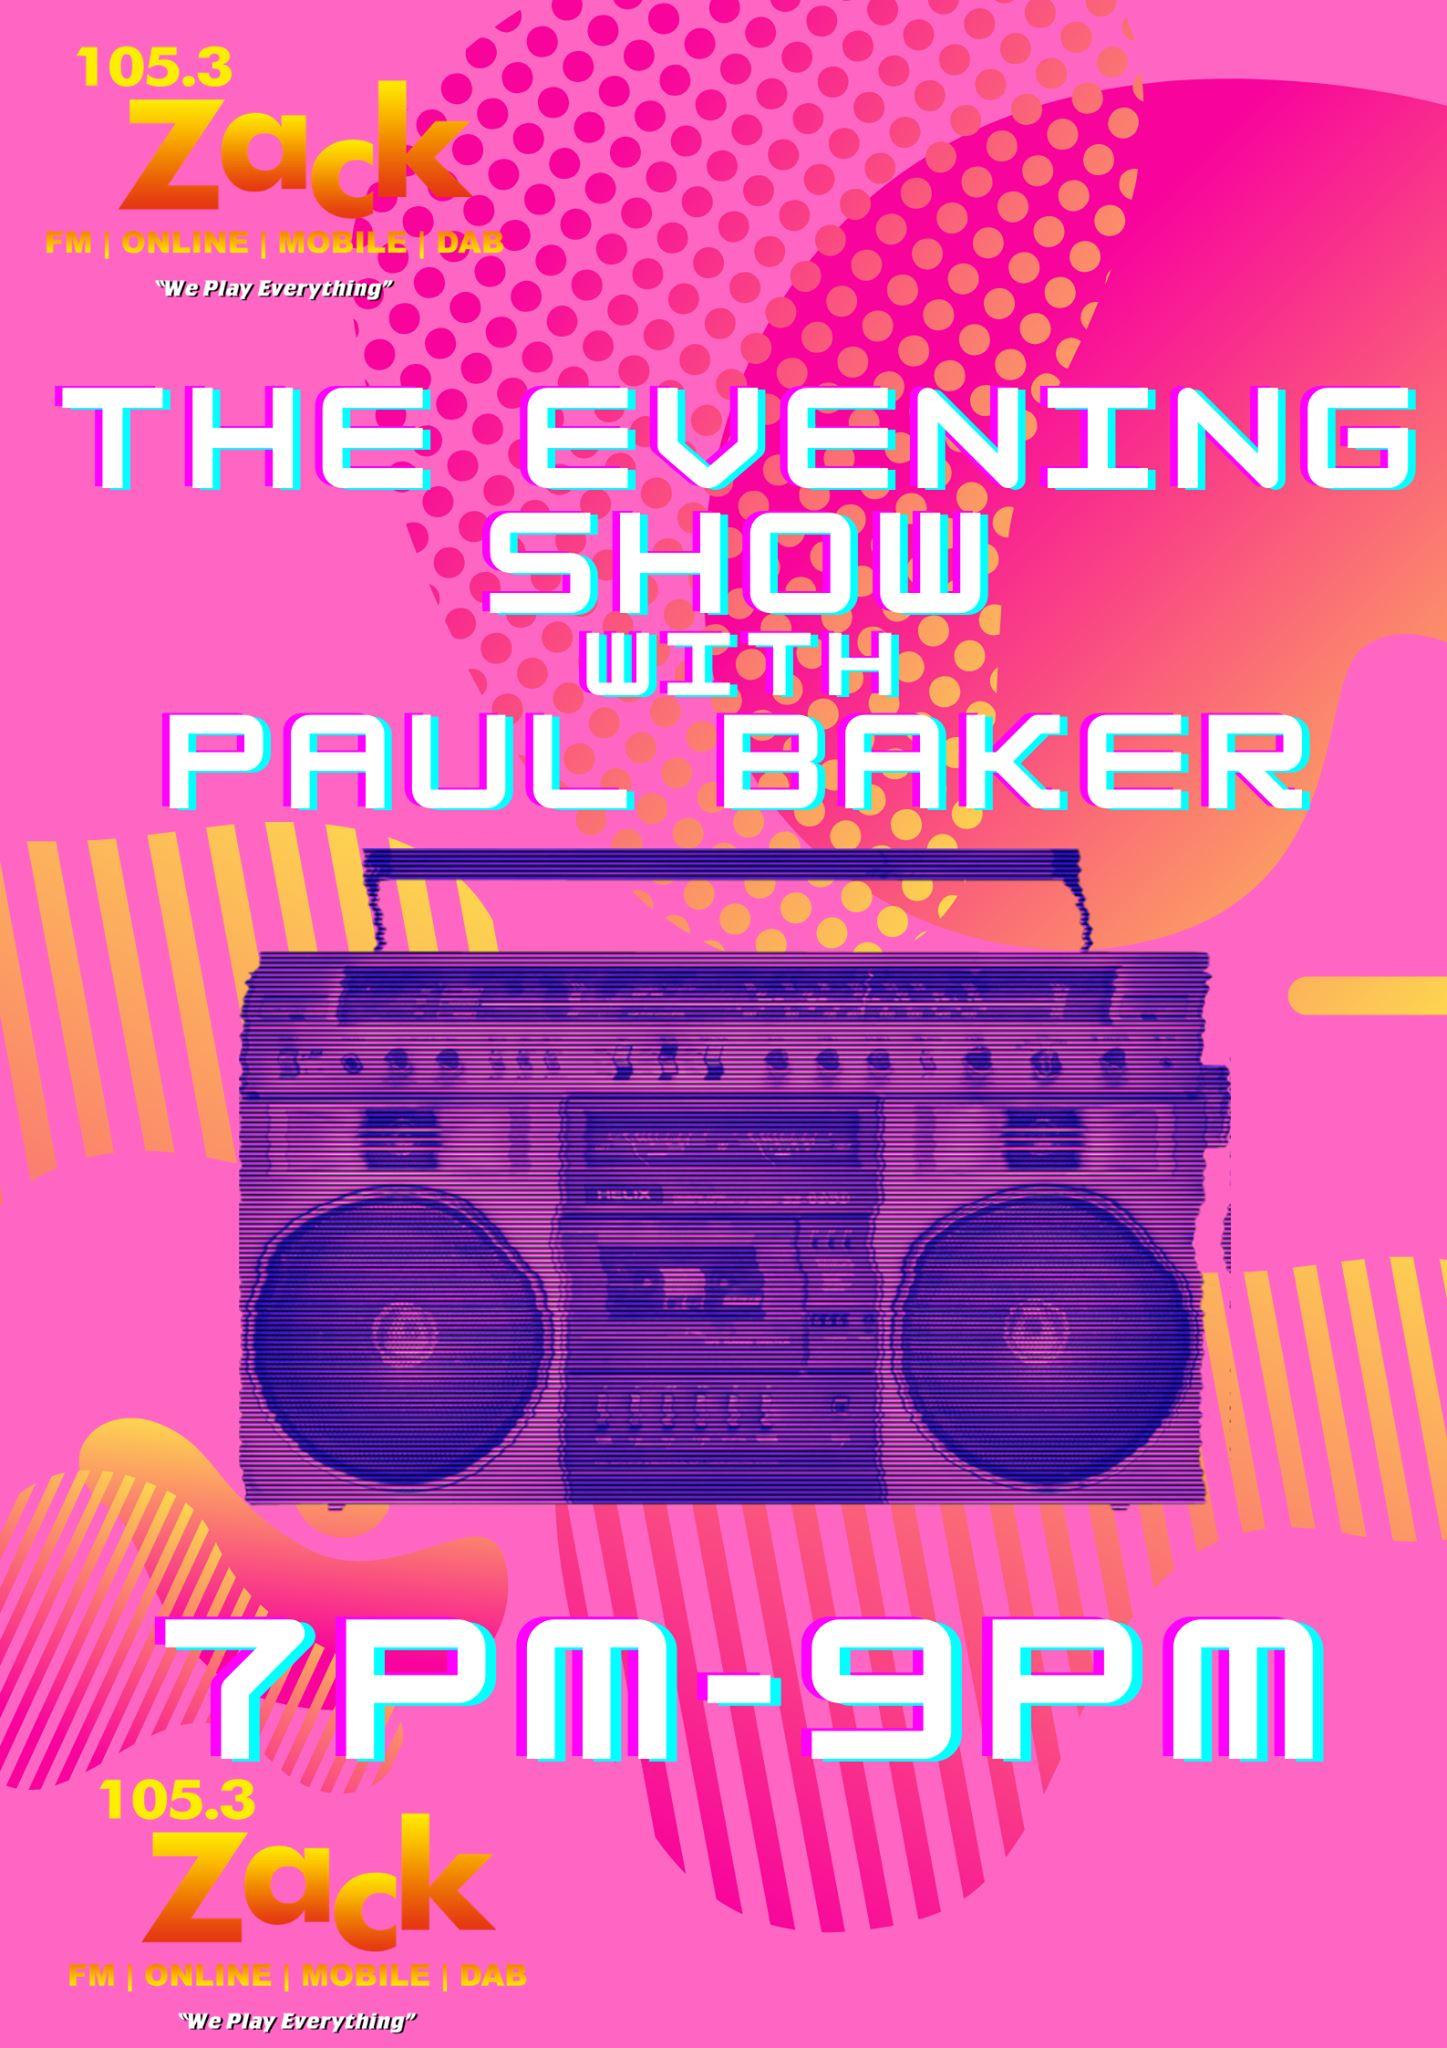 Banner-PaulBaker